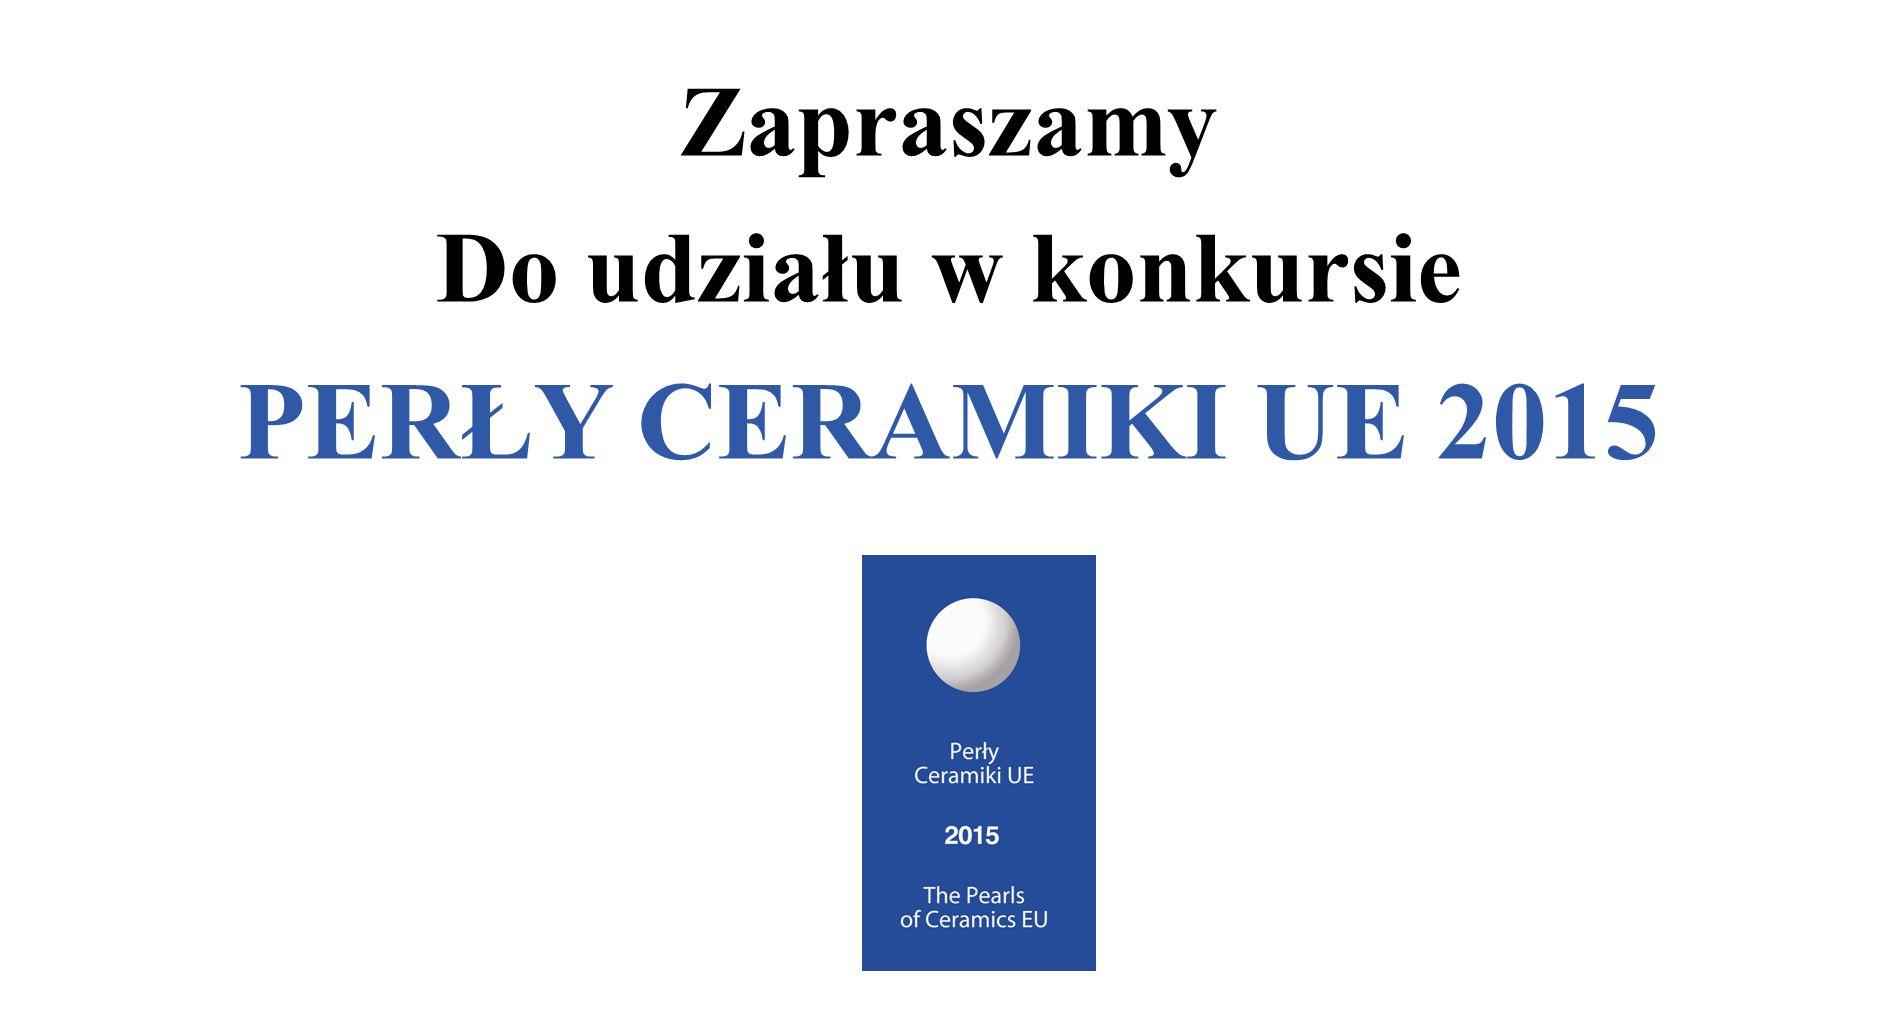 Zapraszamy Do udziału w konkursie PERŁY CERAMIKI UE 2015